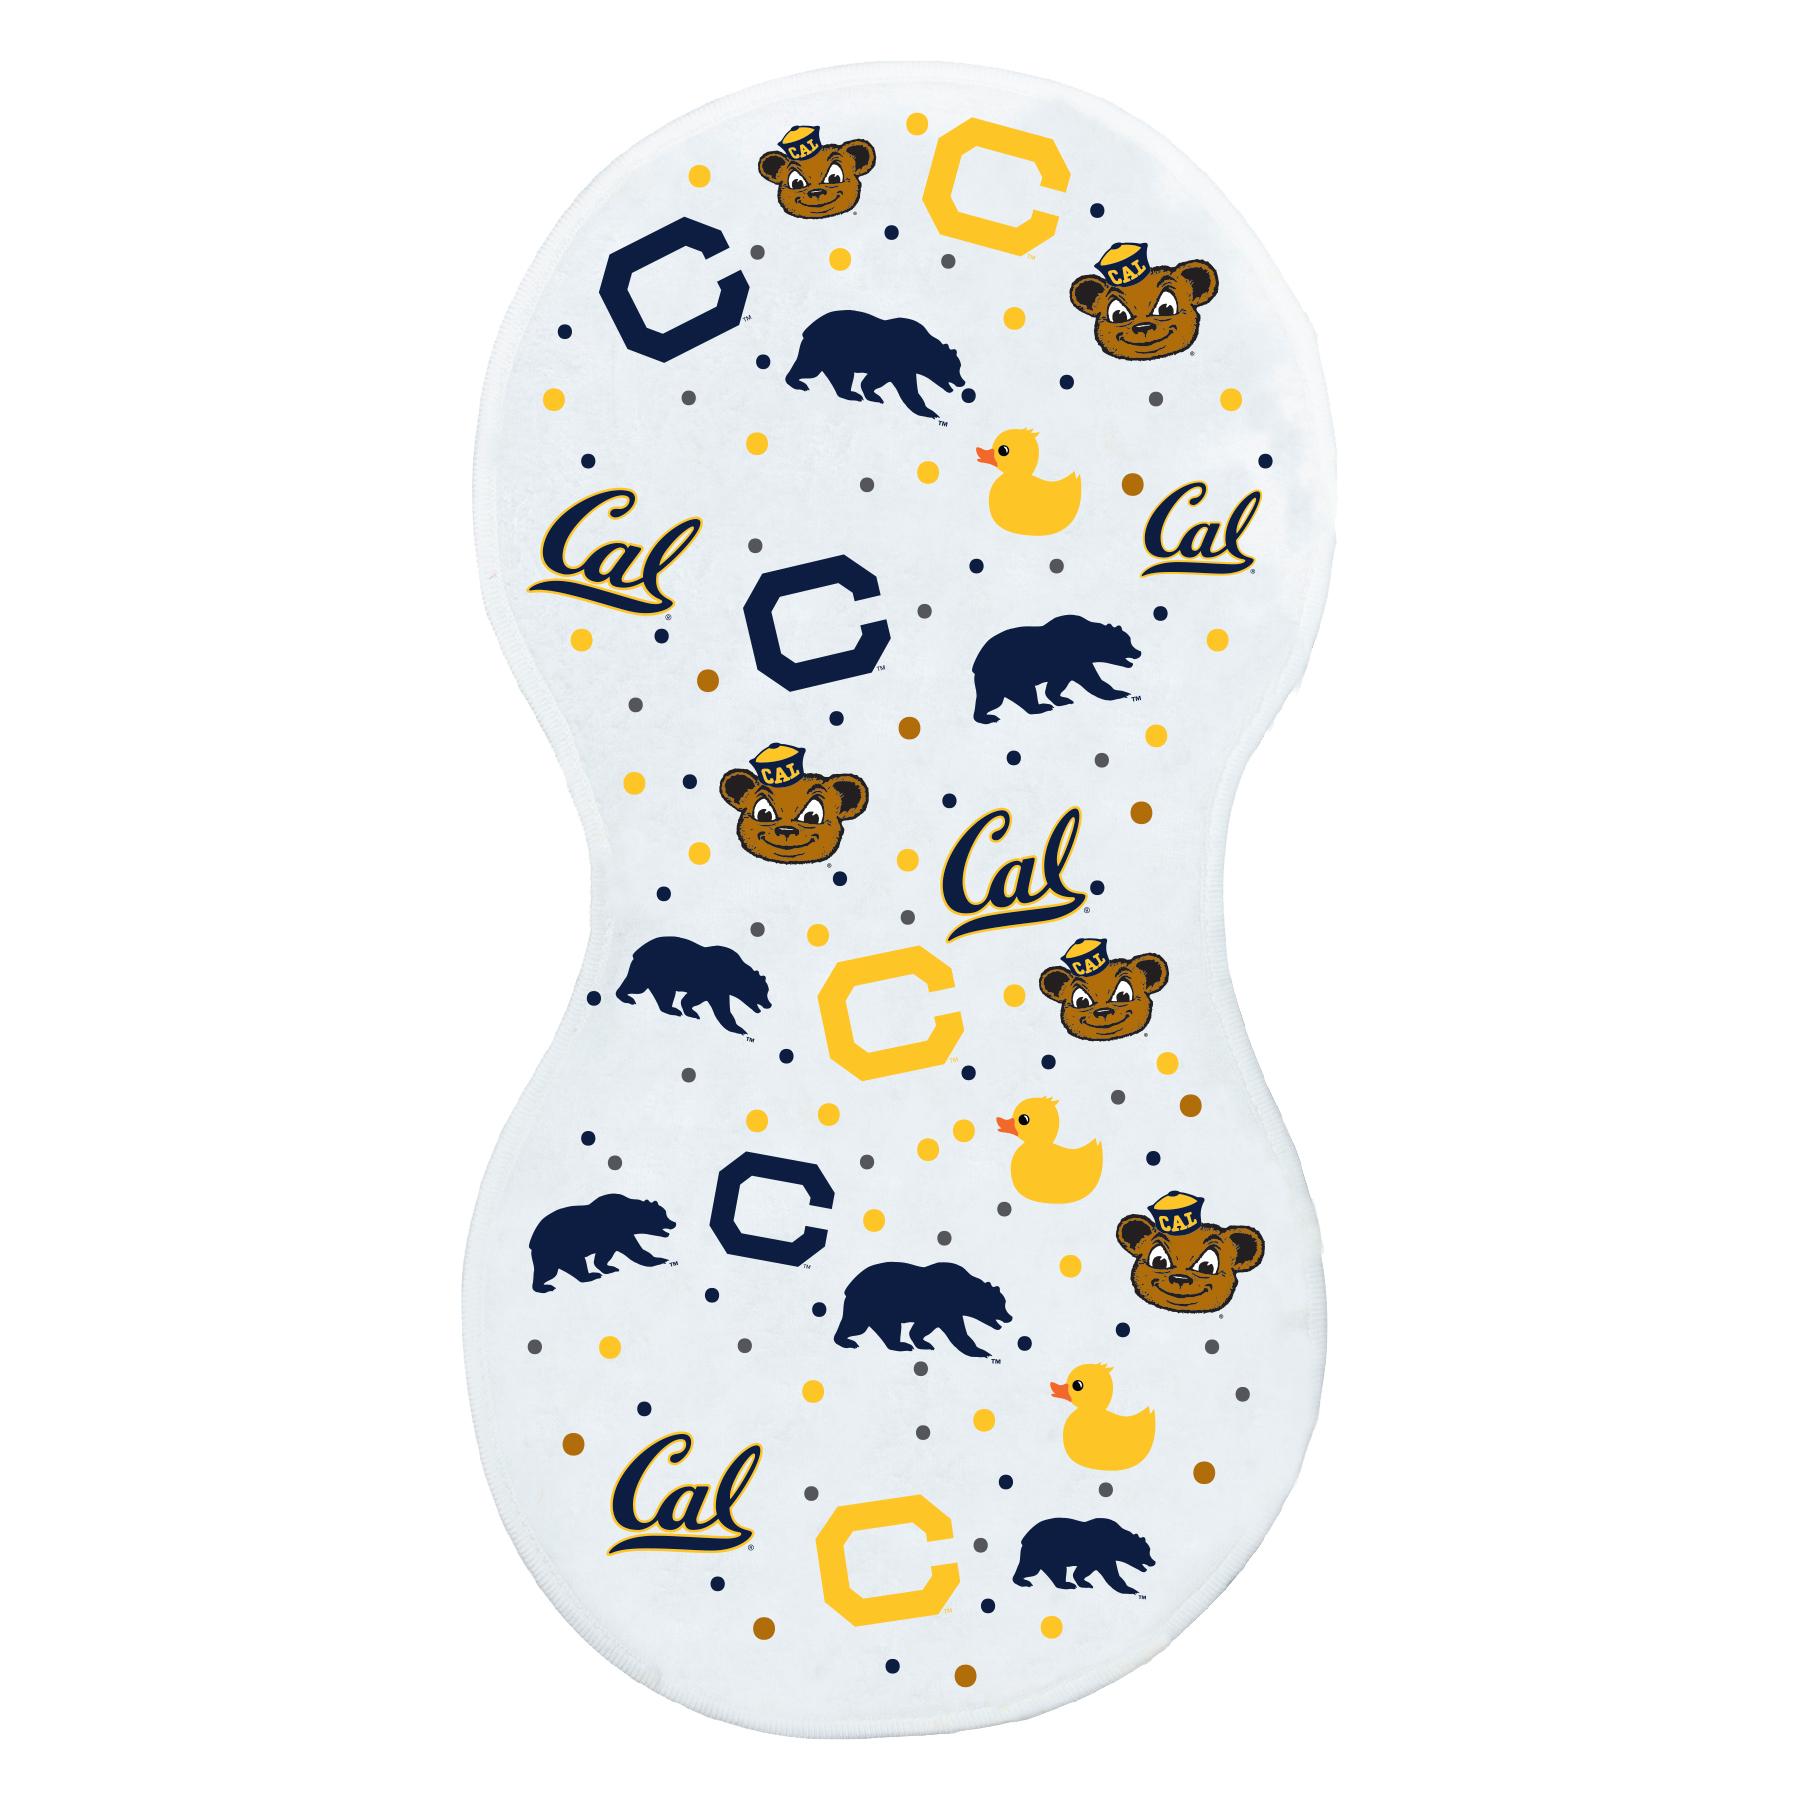 Cal Bears Super Soft Burp Cloth Logo Mix